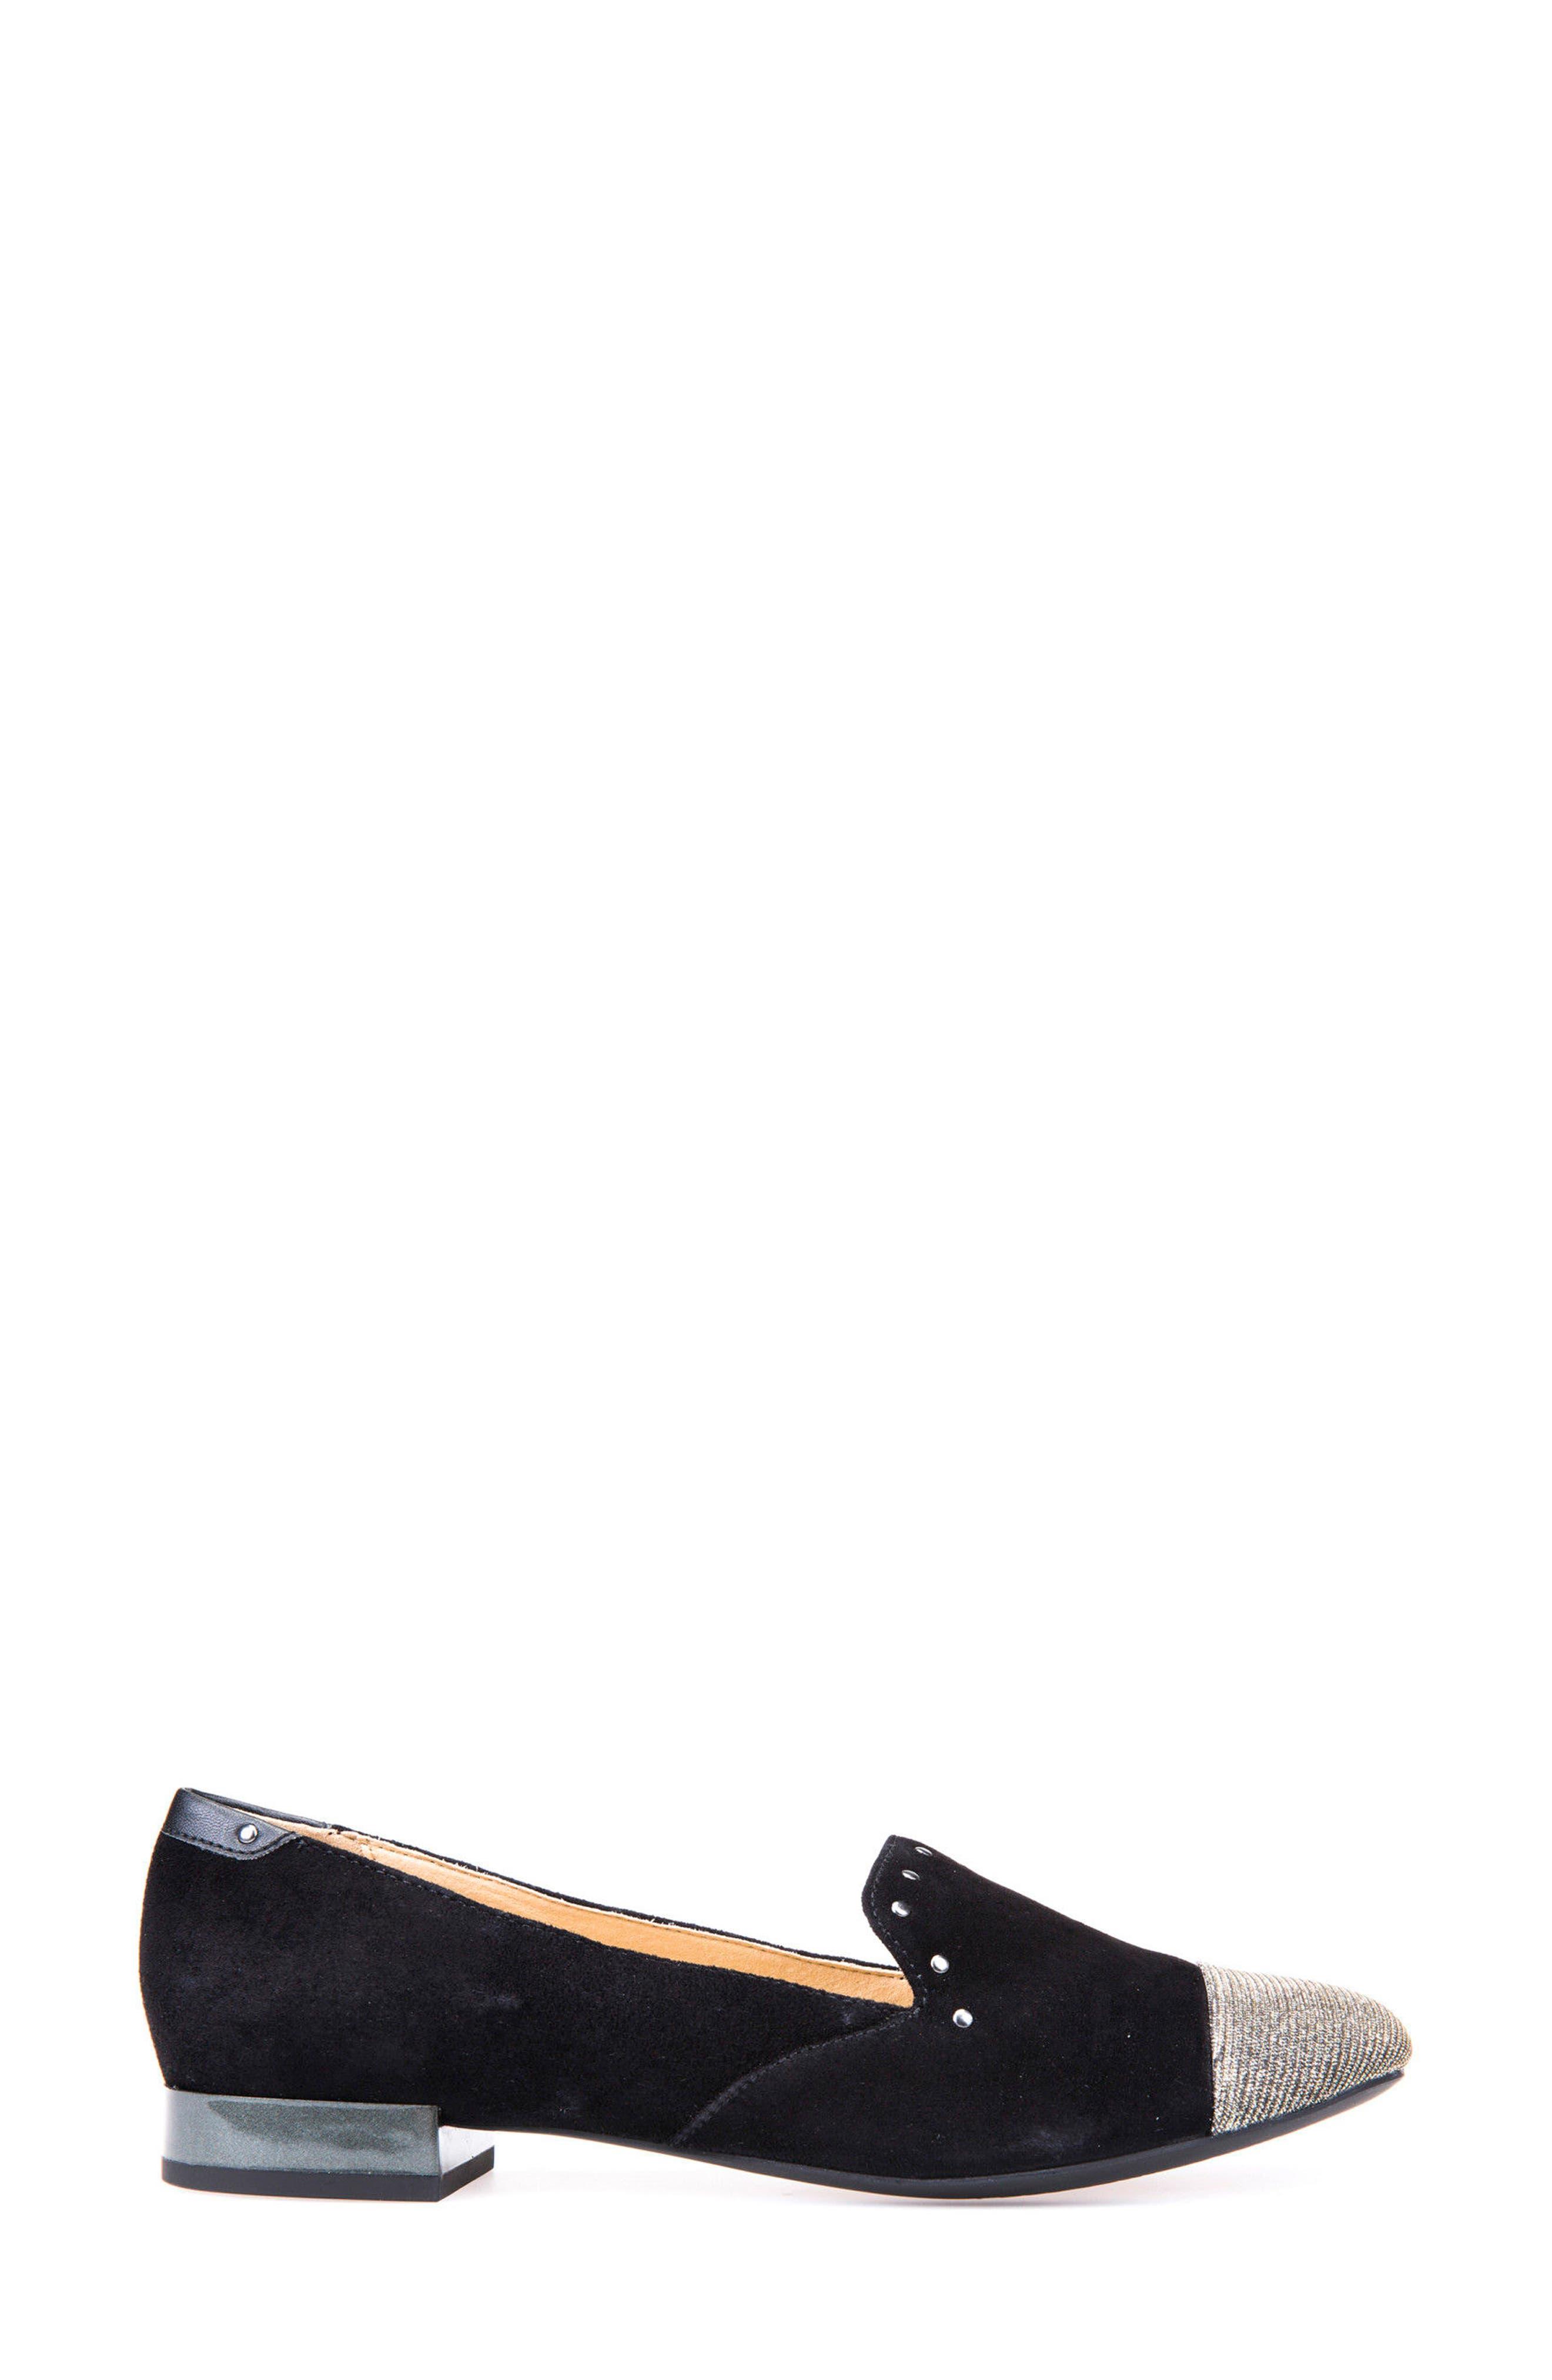 Alternate Image 3  - Geox Wistrey Cap Toe Loafer (Women)